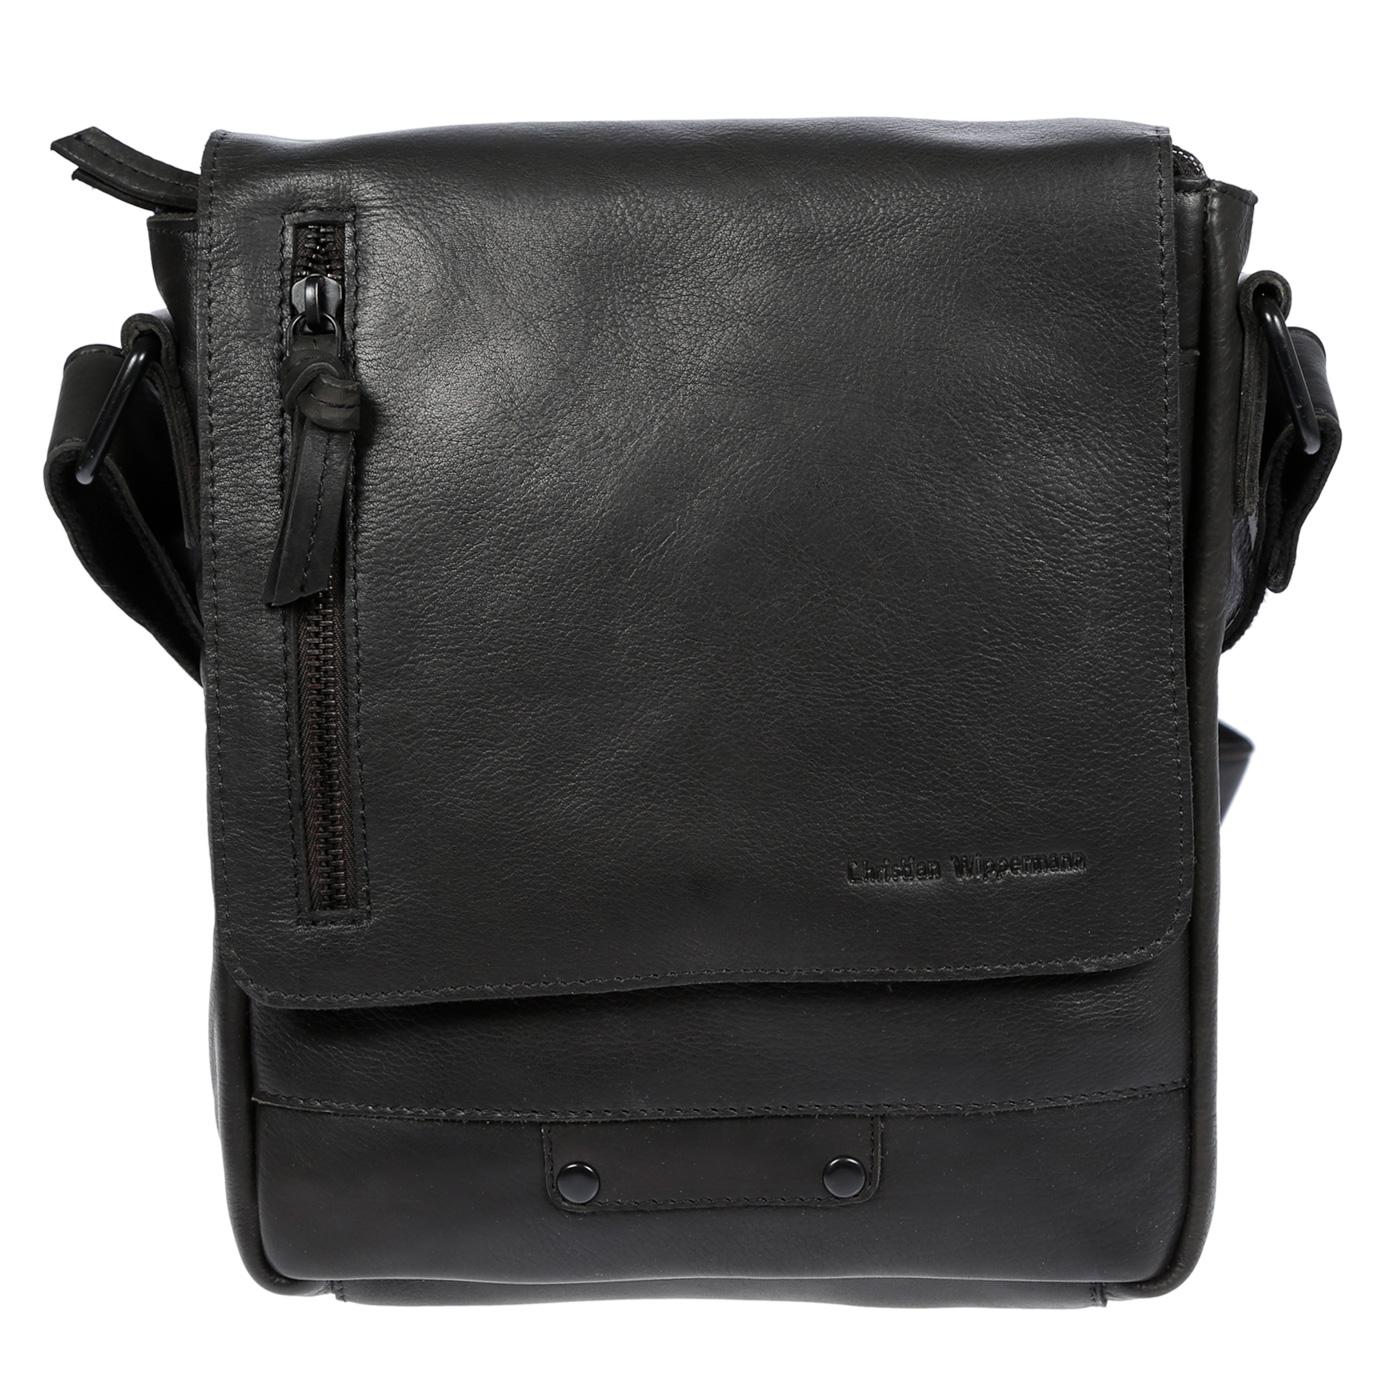 Echt-Leder-Herren-Damen-Umhaengetasche-Tasche-RFID-Schutz-Schultertasche-Umhaenger Indexbild 14